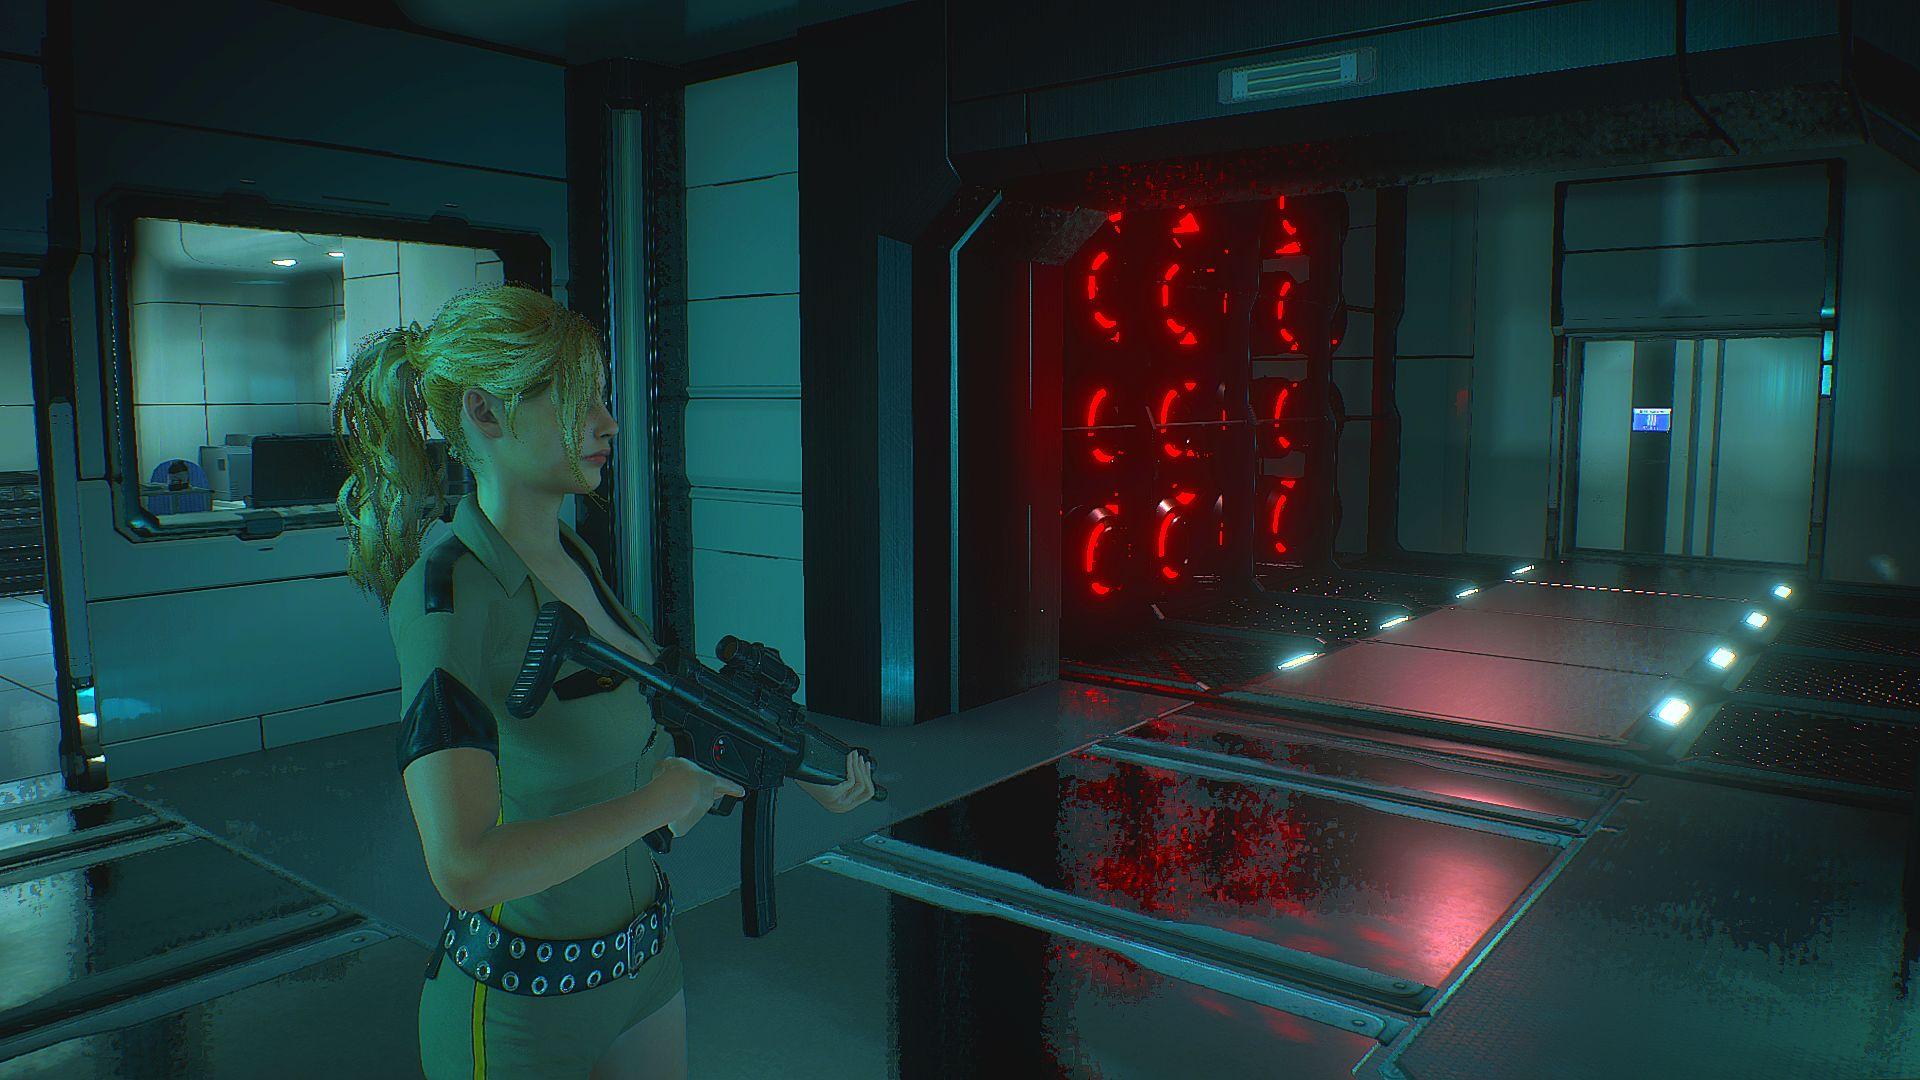 001236.Jpg - Resident Evil 2